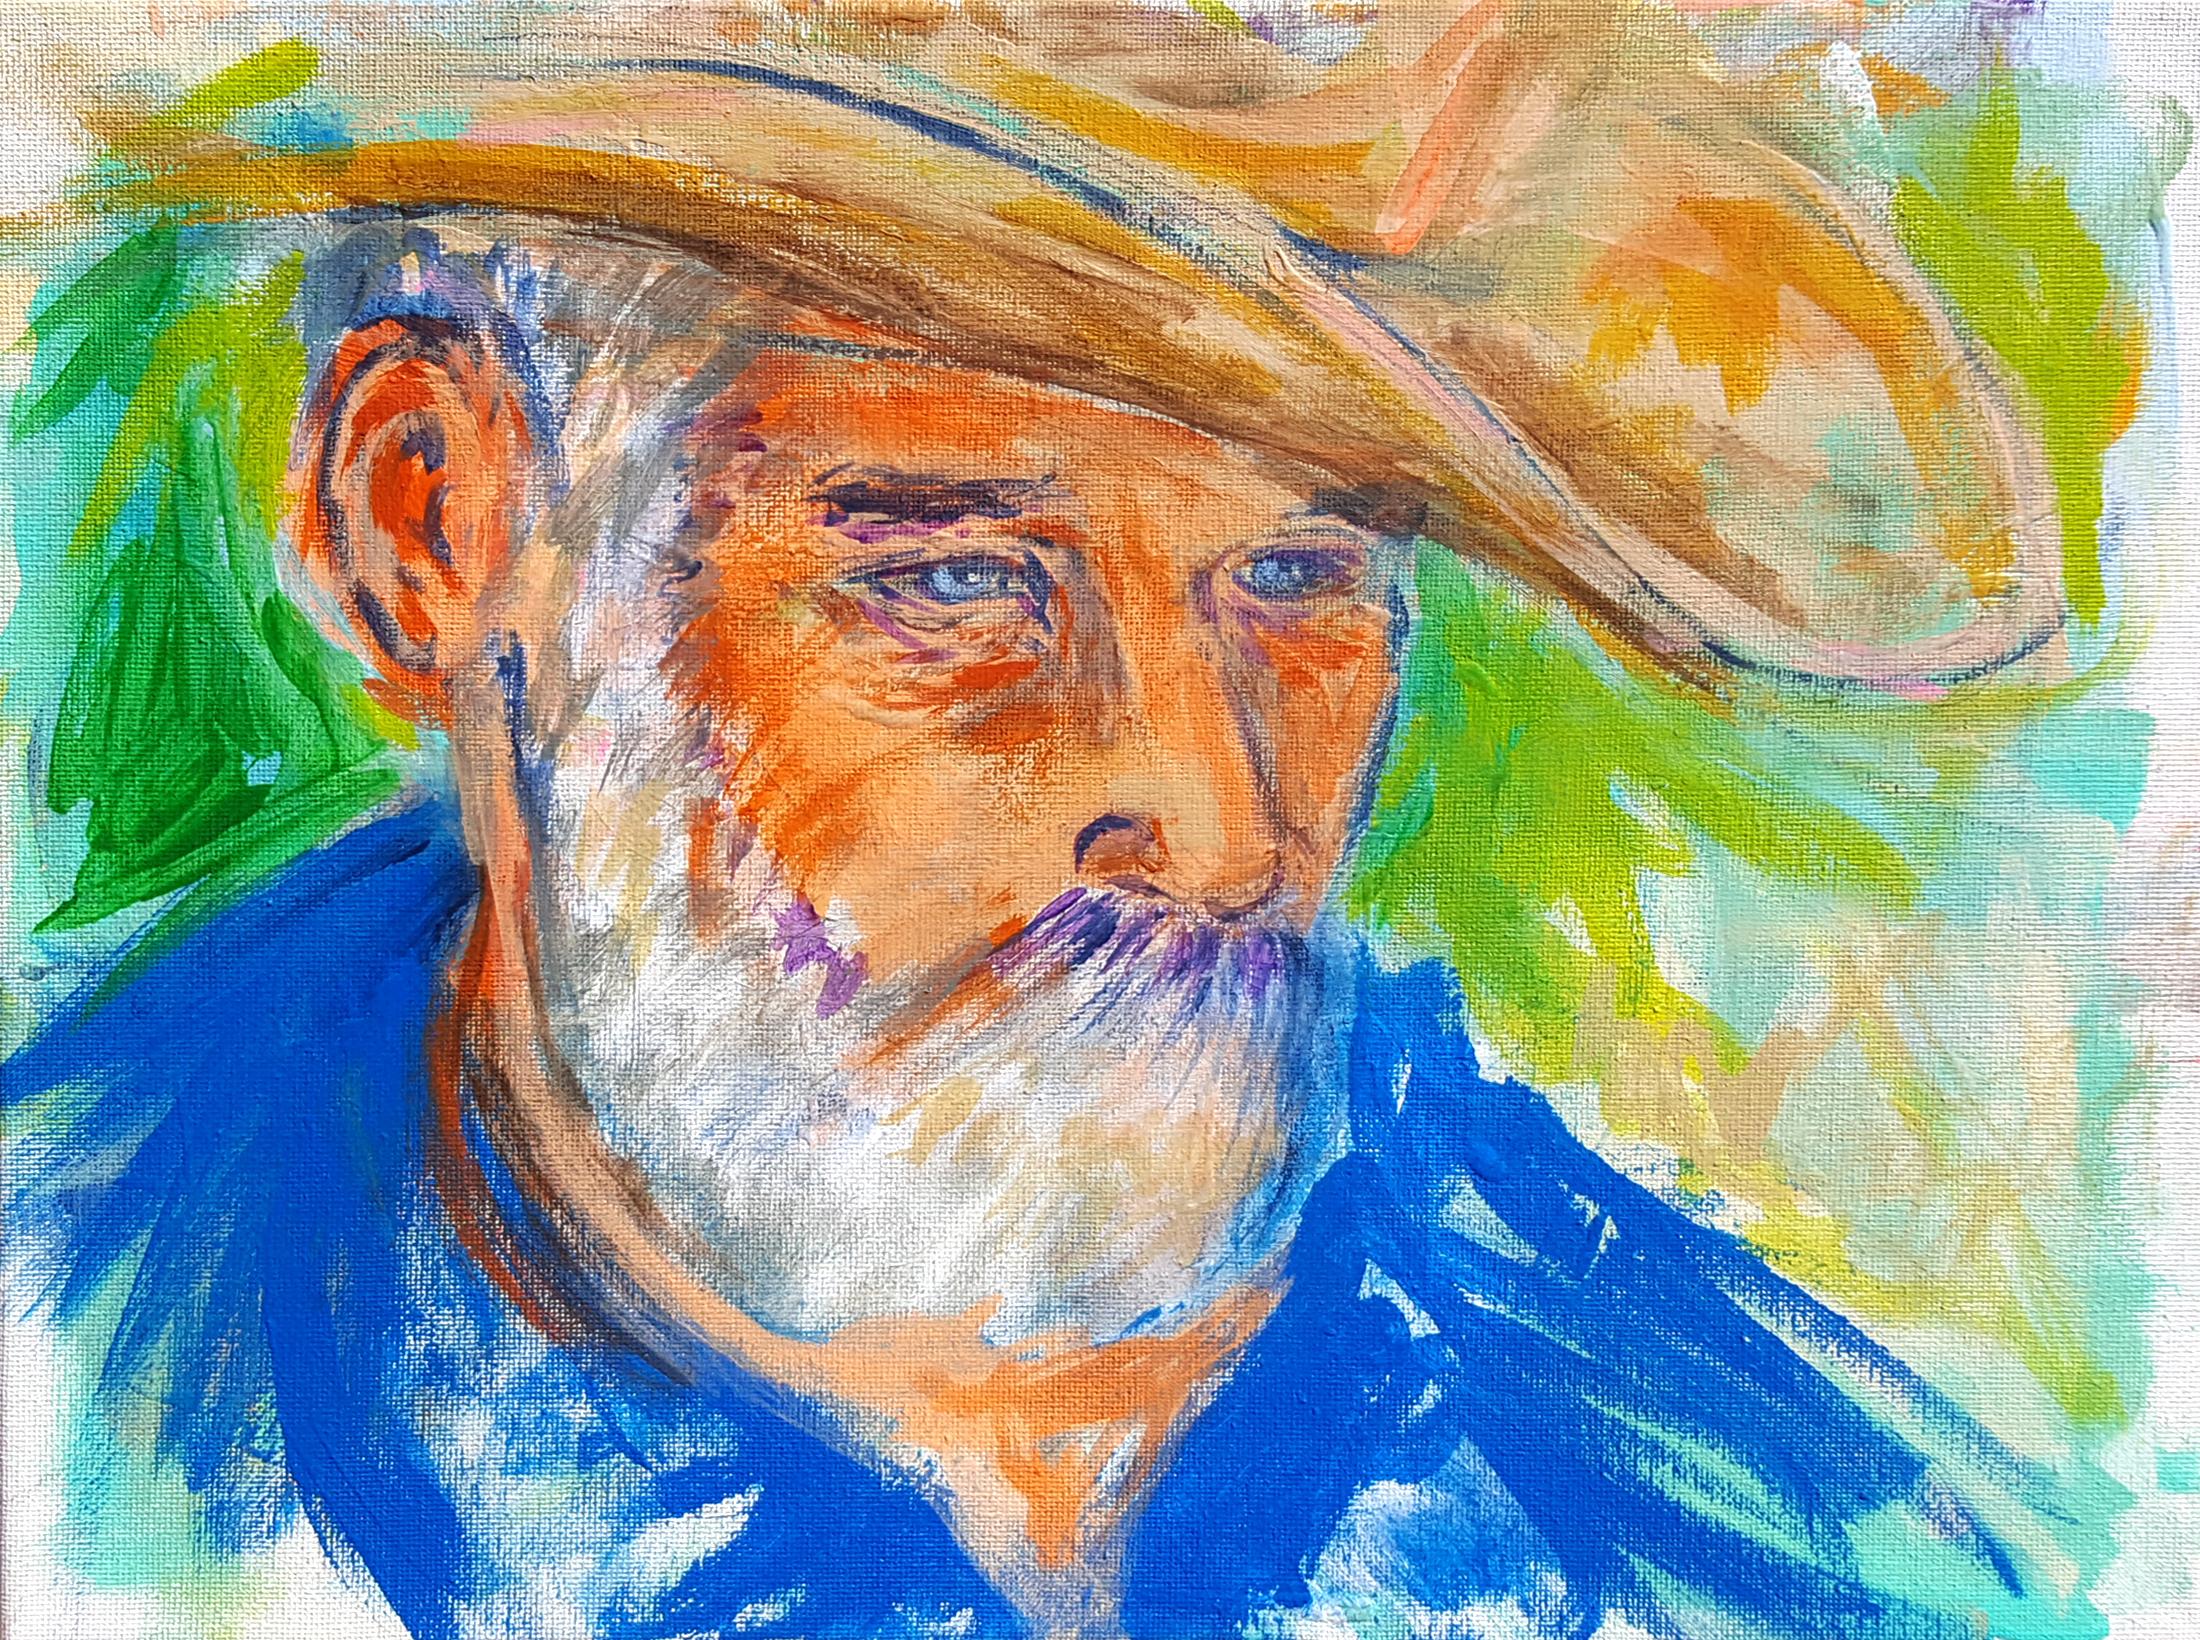 Ole Cowboy